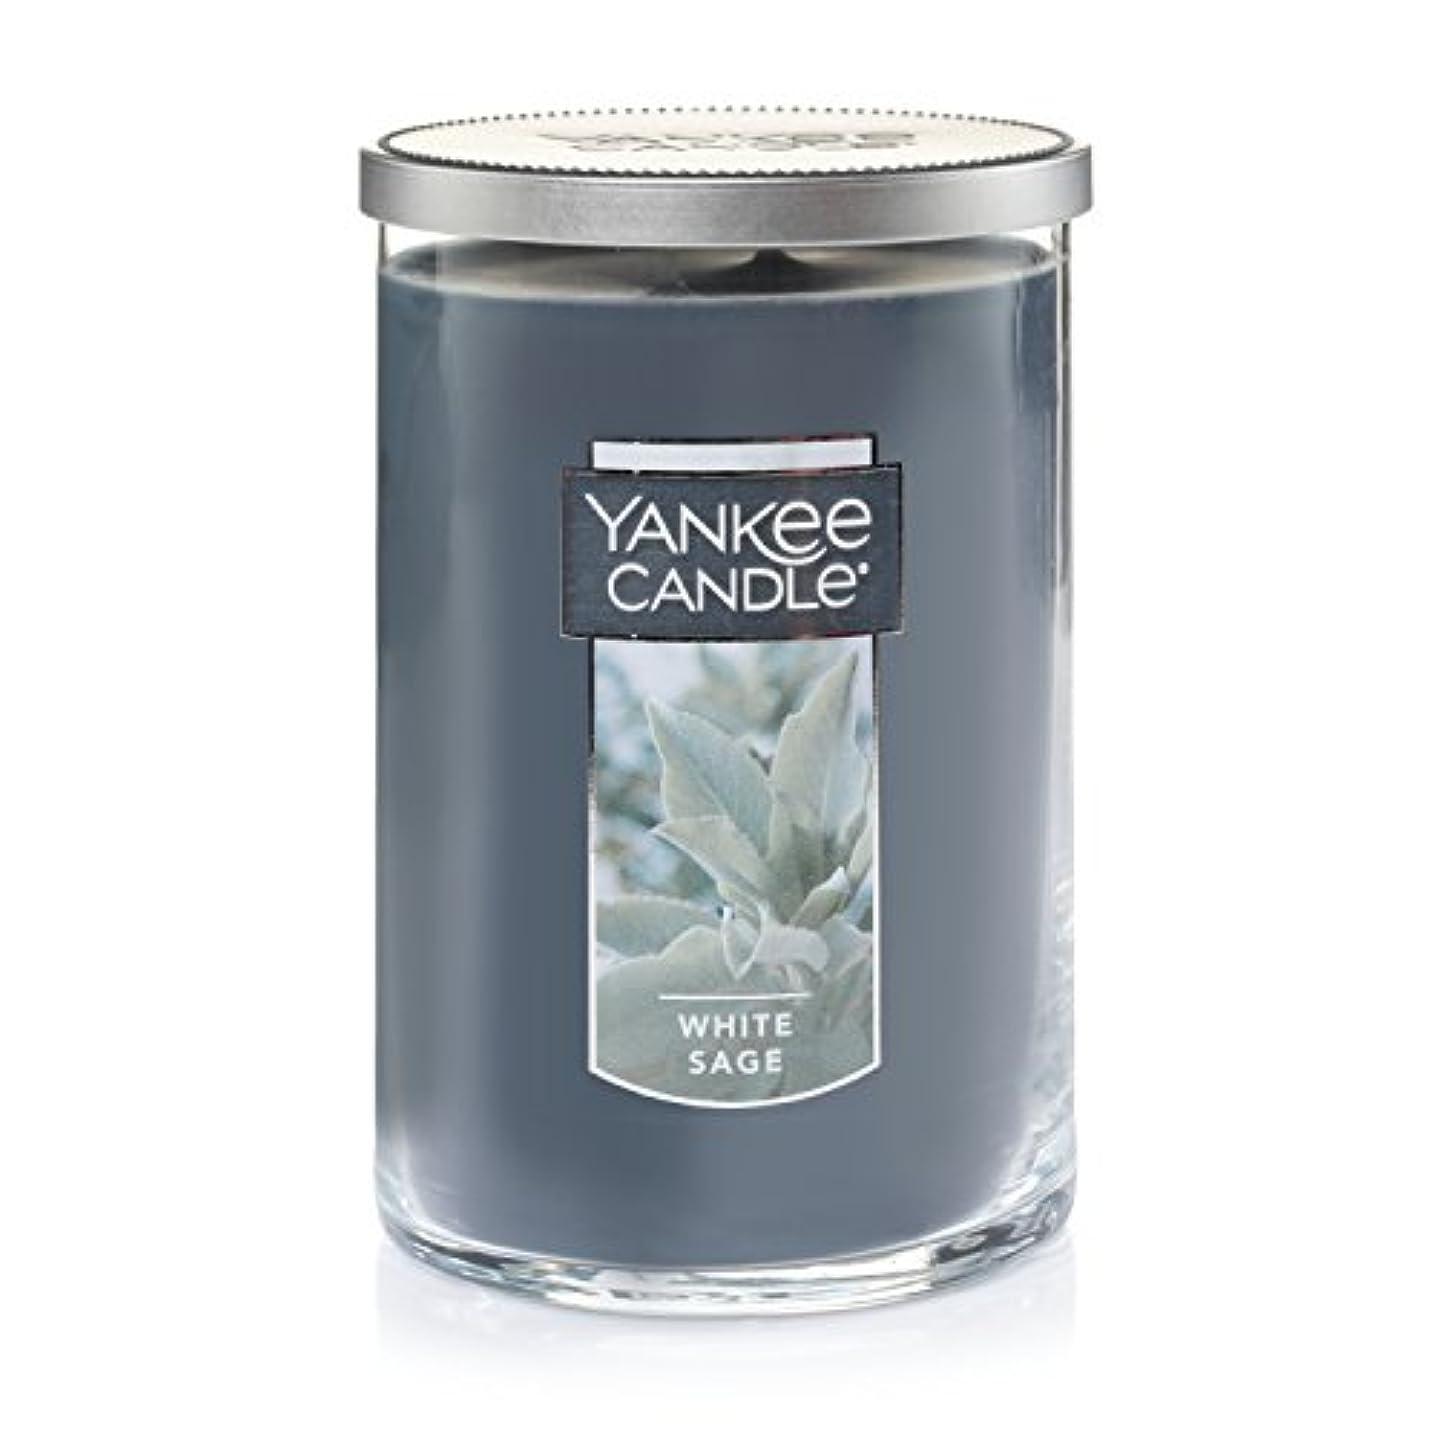 ラリー不利掃くYankee Candleホワイトセージ Large 2-Wick Tumbler Candles 1556031-YC